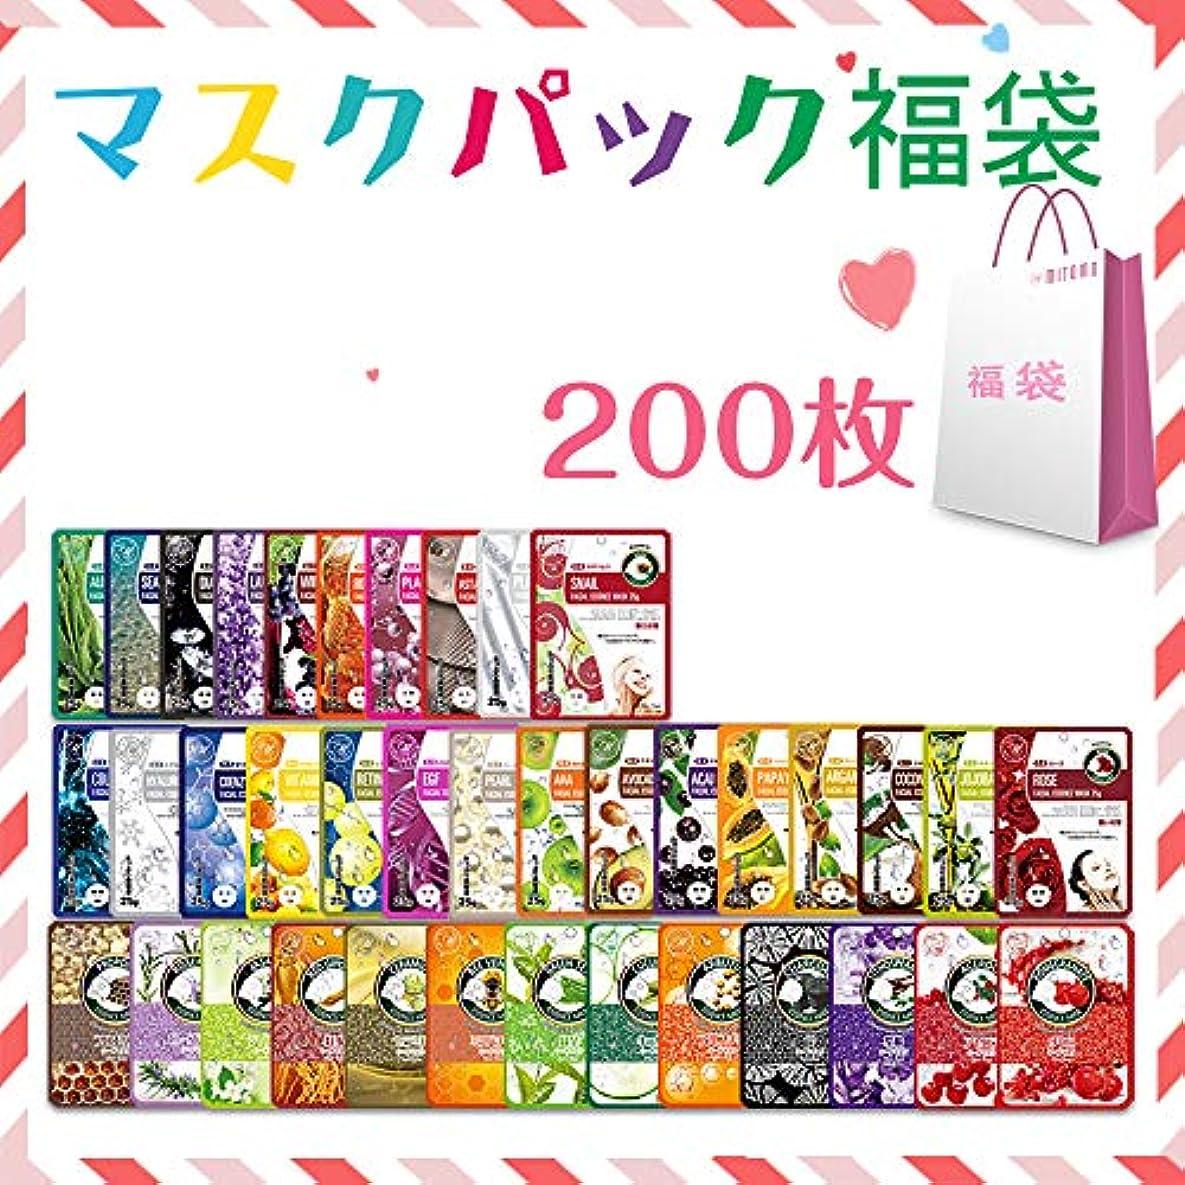 葡萄ラベスカープ【LBPRKL0200】シートマスク/200枚/美容液/マスクパック/送料無料